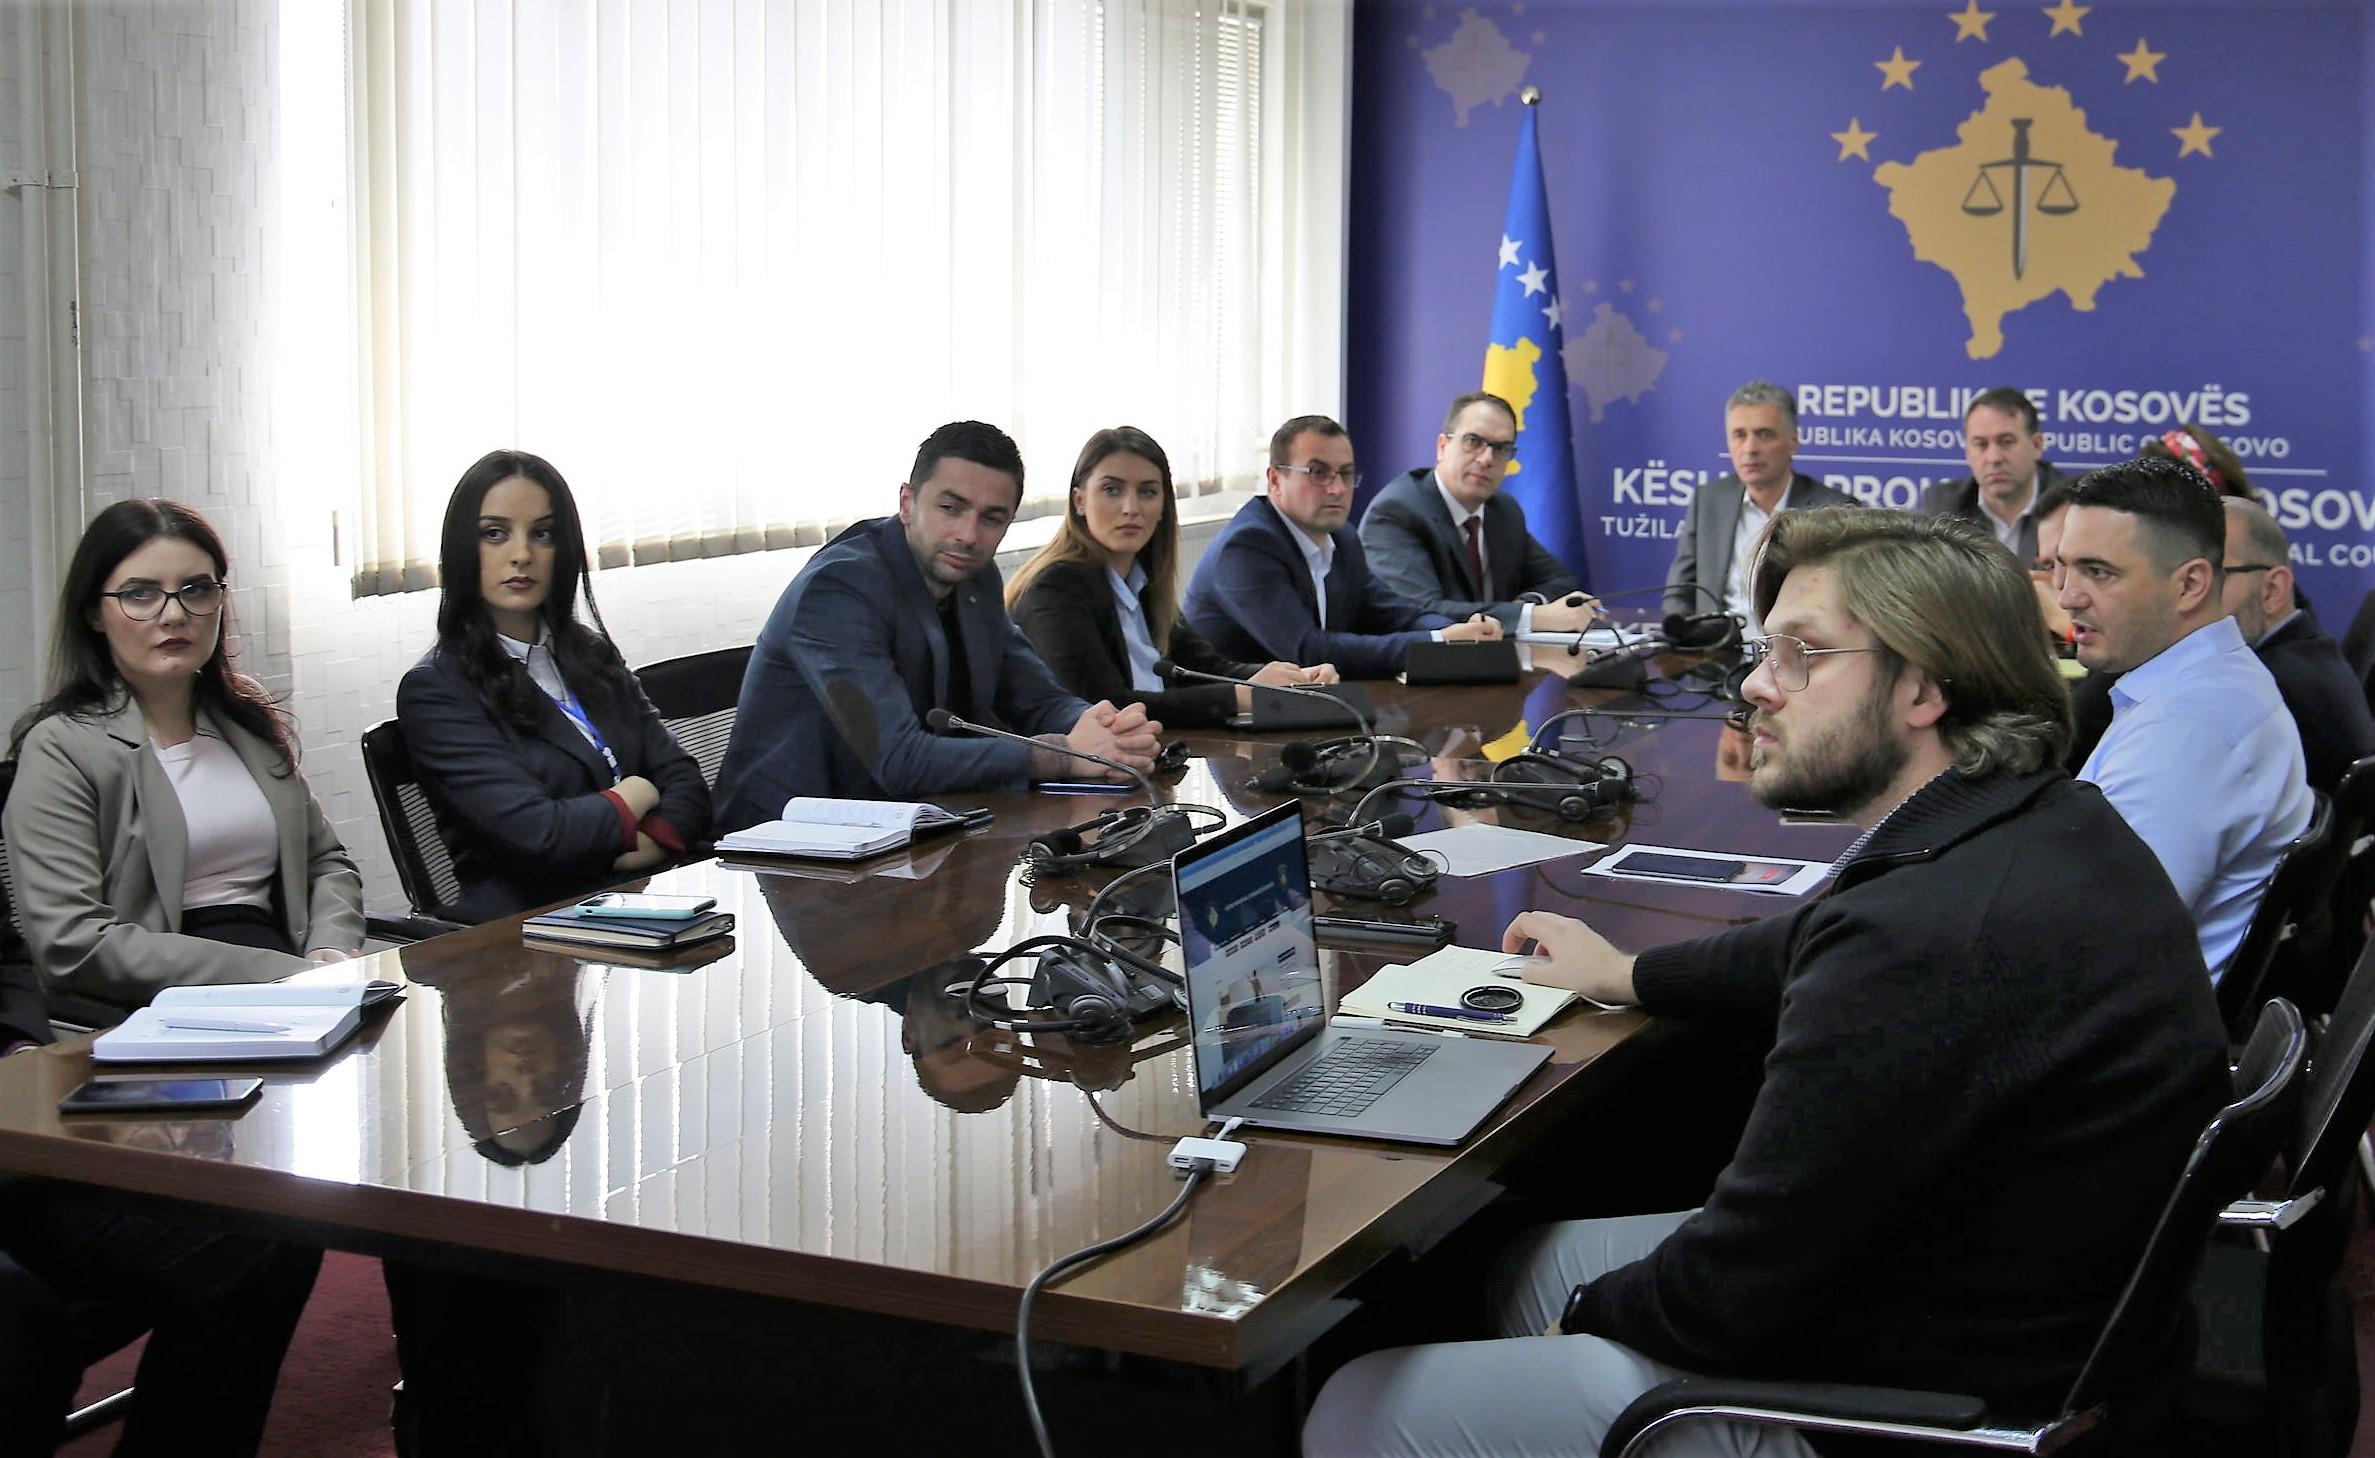 Vazhdon puna në zhvillimin dhe funksionalizimin e uebportalit të sistemit prokurorial